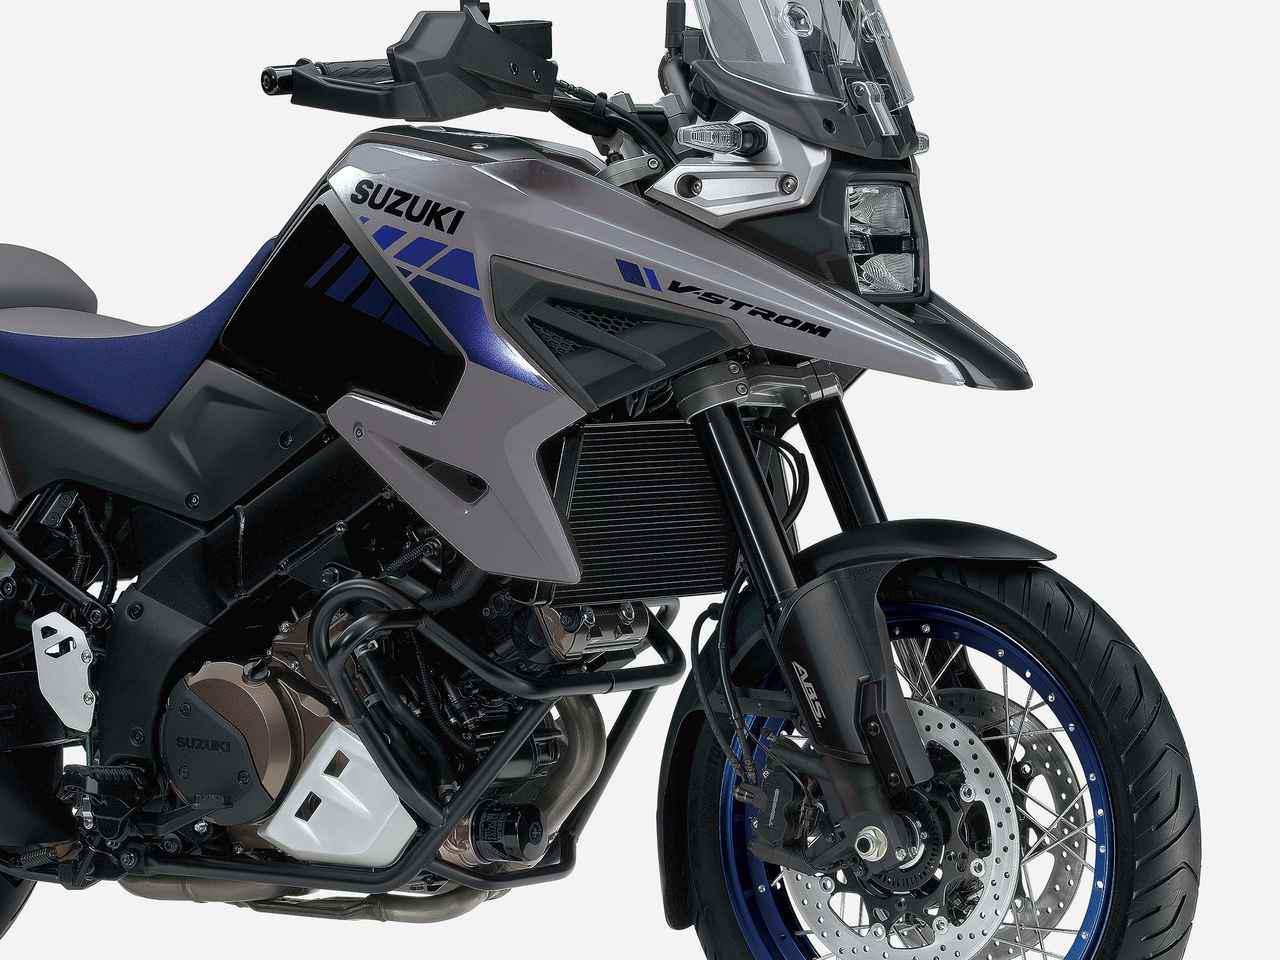 画像: スズキの大型アドベンチャーバイク『Vストローム1050/XT』が2021年カラーでちょっとイメージ変えてきた?  - スズキのバイク!